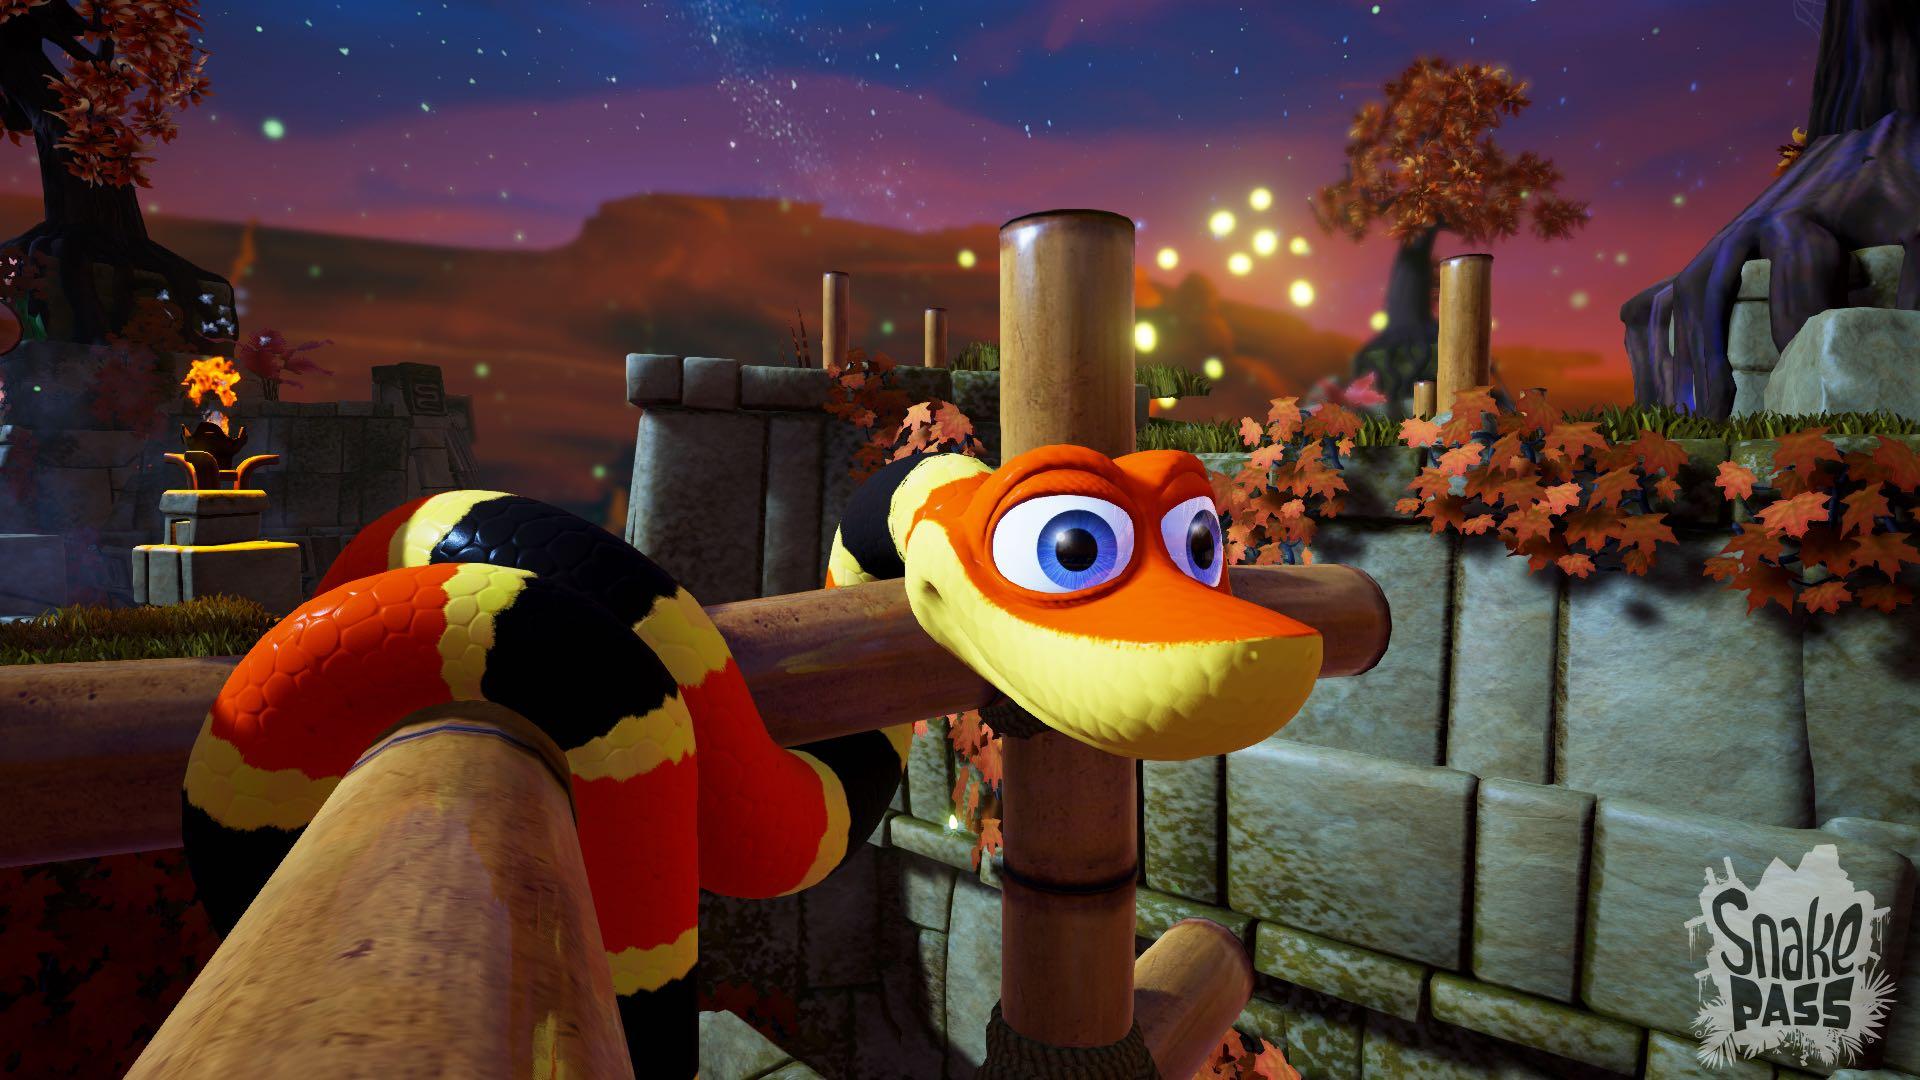 Snake Pass - Fire Screenshot 1